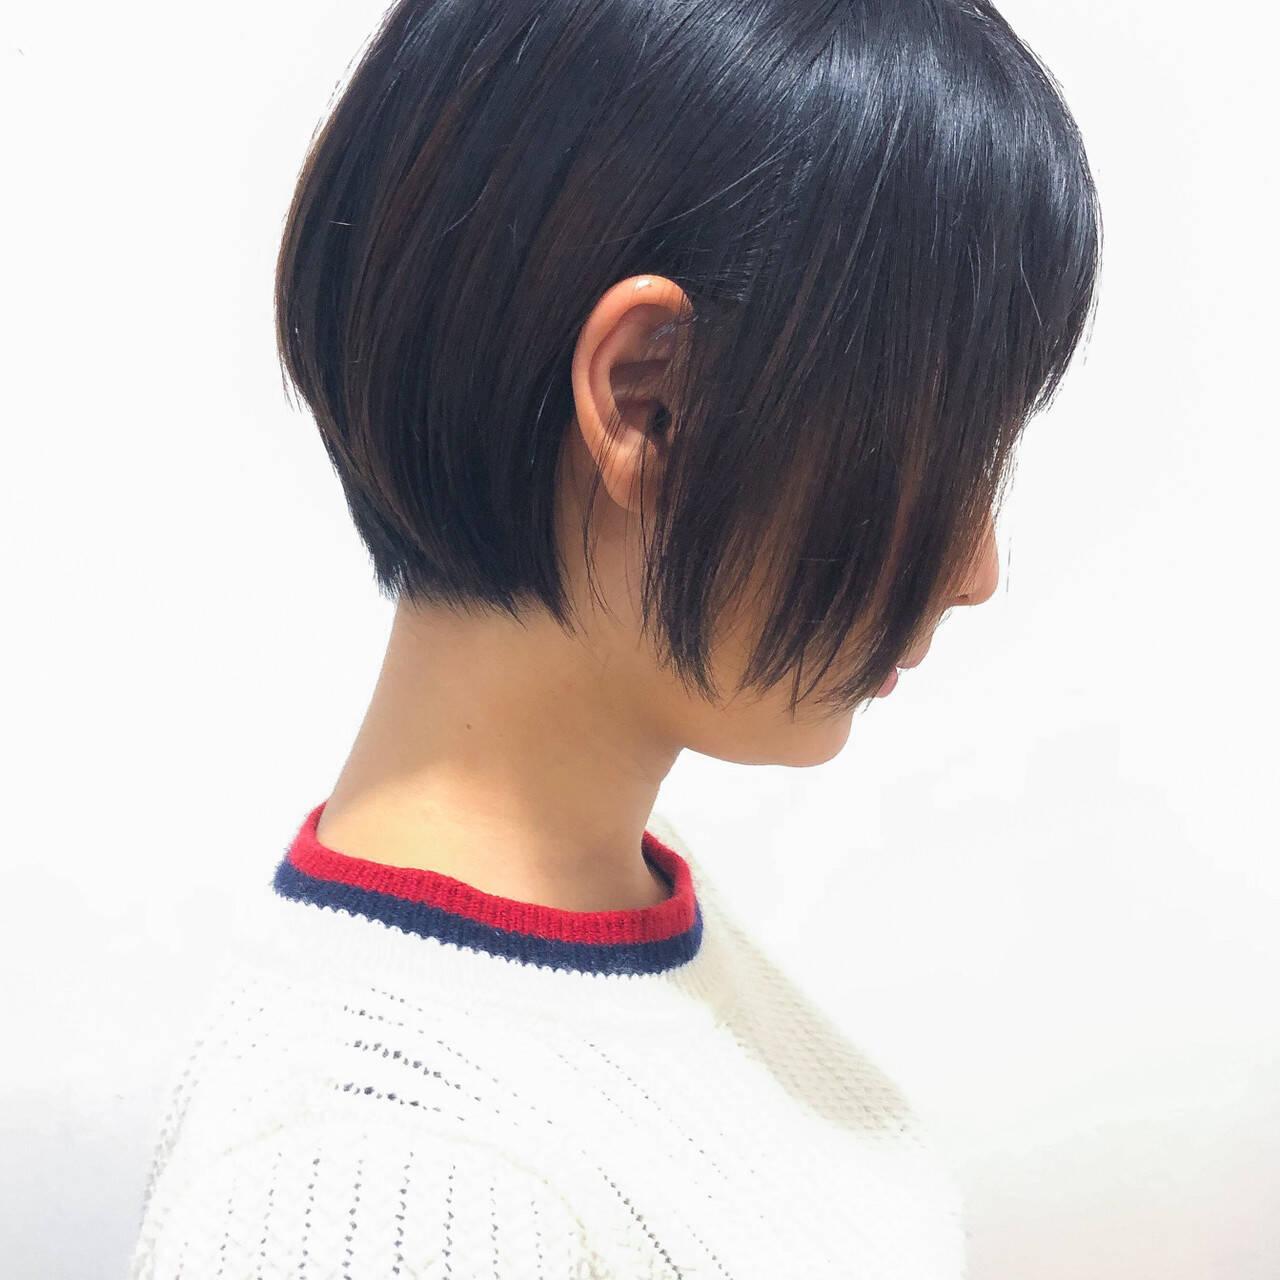 ショートボブ 黒髪 オフィス ショートヘアスタイルや髪型の写真・画像